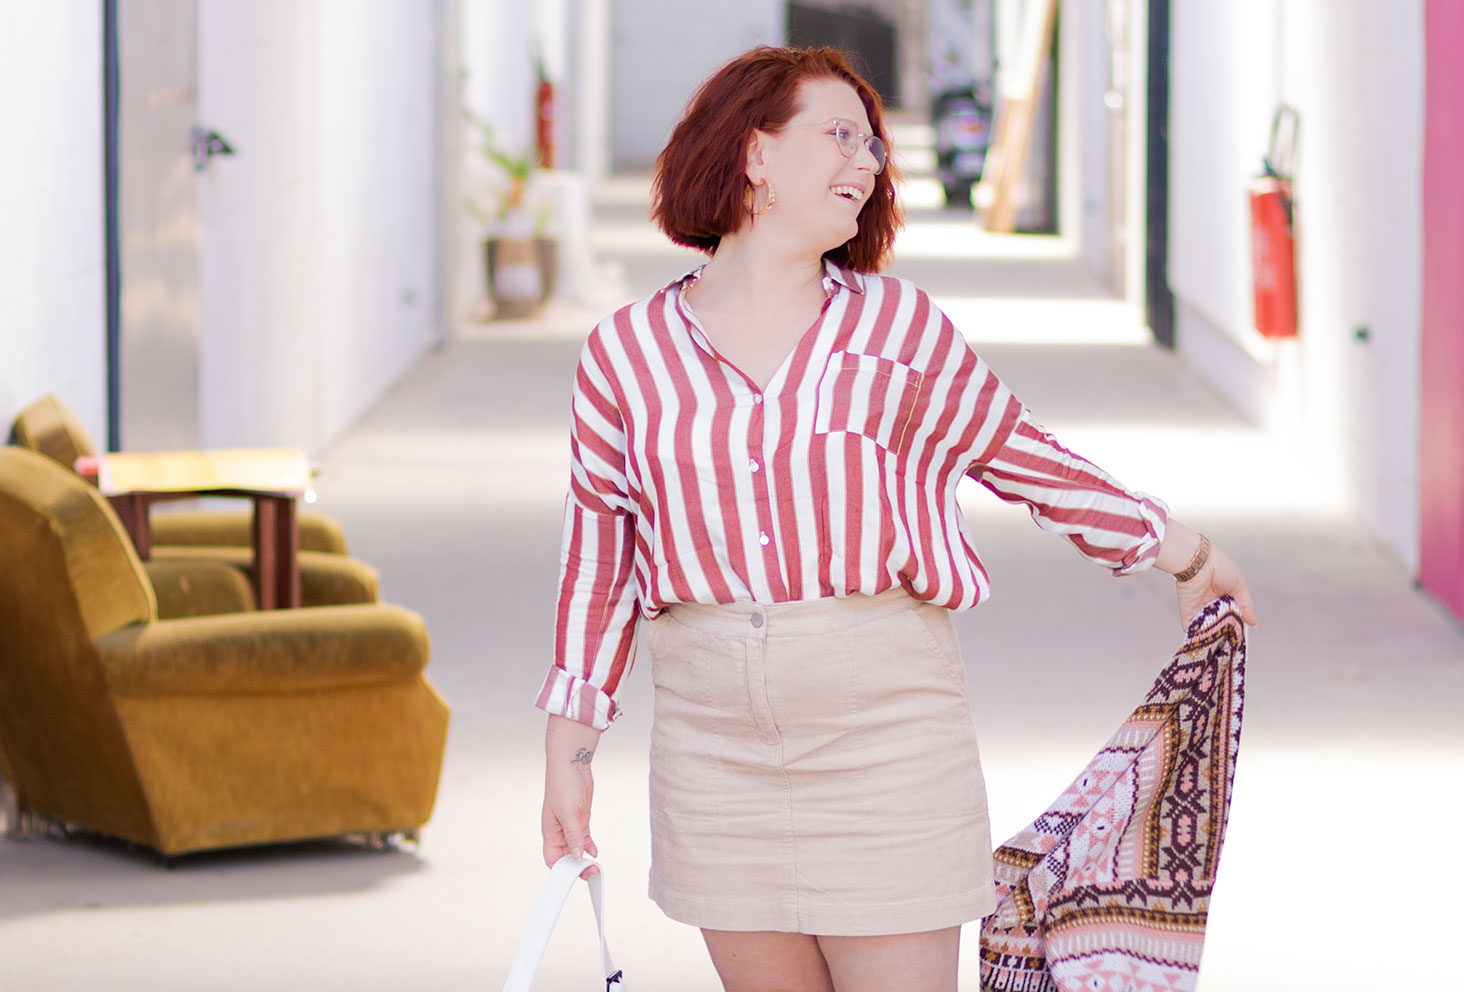 En chemise à rayures entrée dans une jupe en velours beige, au milieu d'un couloir industriel, pour un look parfait pour la rentrée